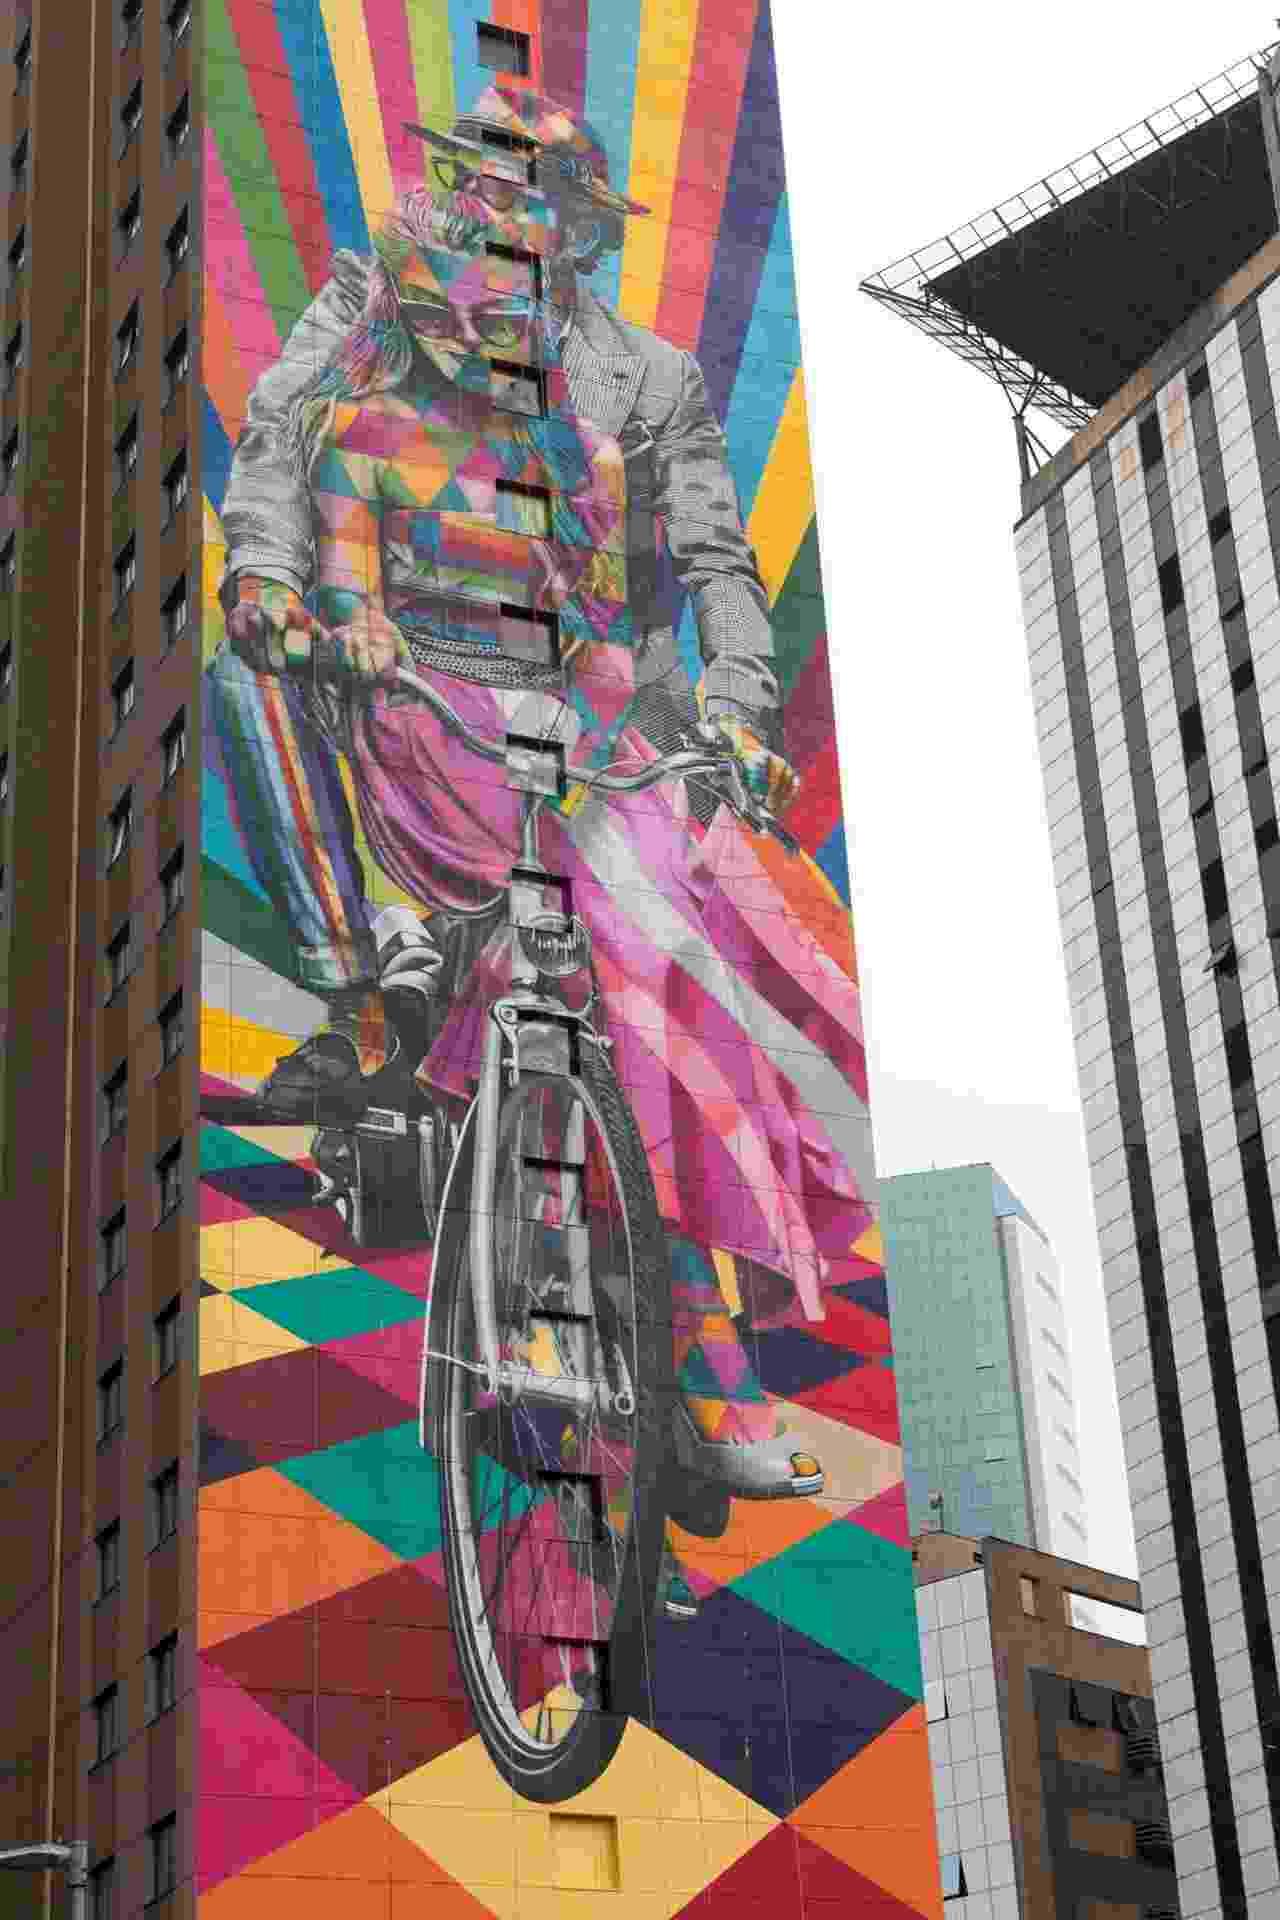 12.set.2016 - Vista da obra do artista Eduardo Kobra na lateral do hotel Ibis Styles Faria Lima, em São Paulo. O mural tem como tema as bicicletas, reforçando a importância da mobilidade urbana - Mateus Reppucci/Futura Press/Folhapress